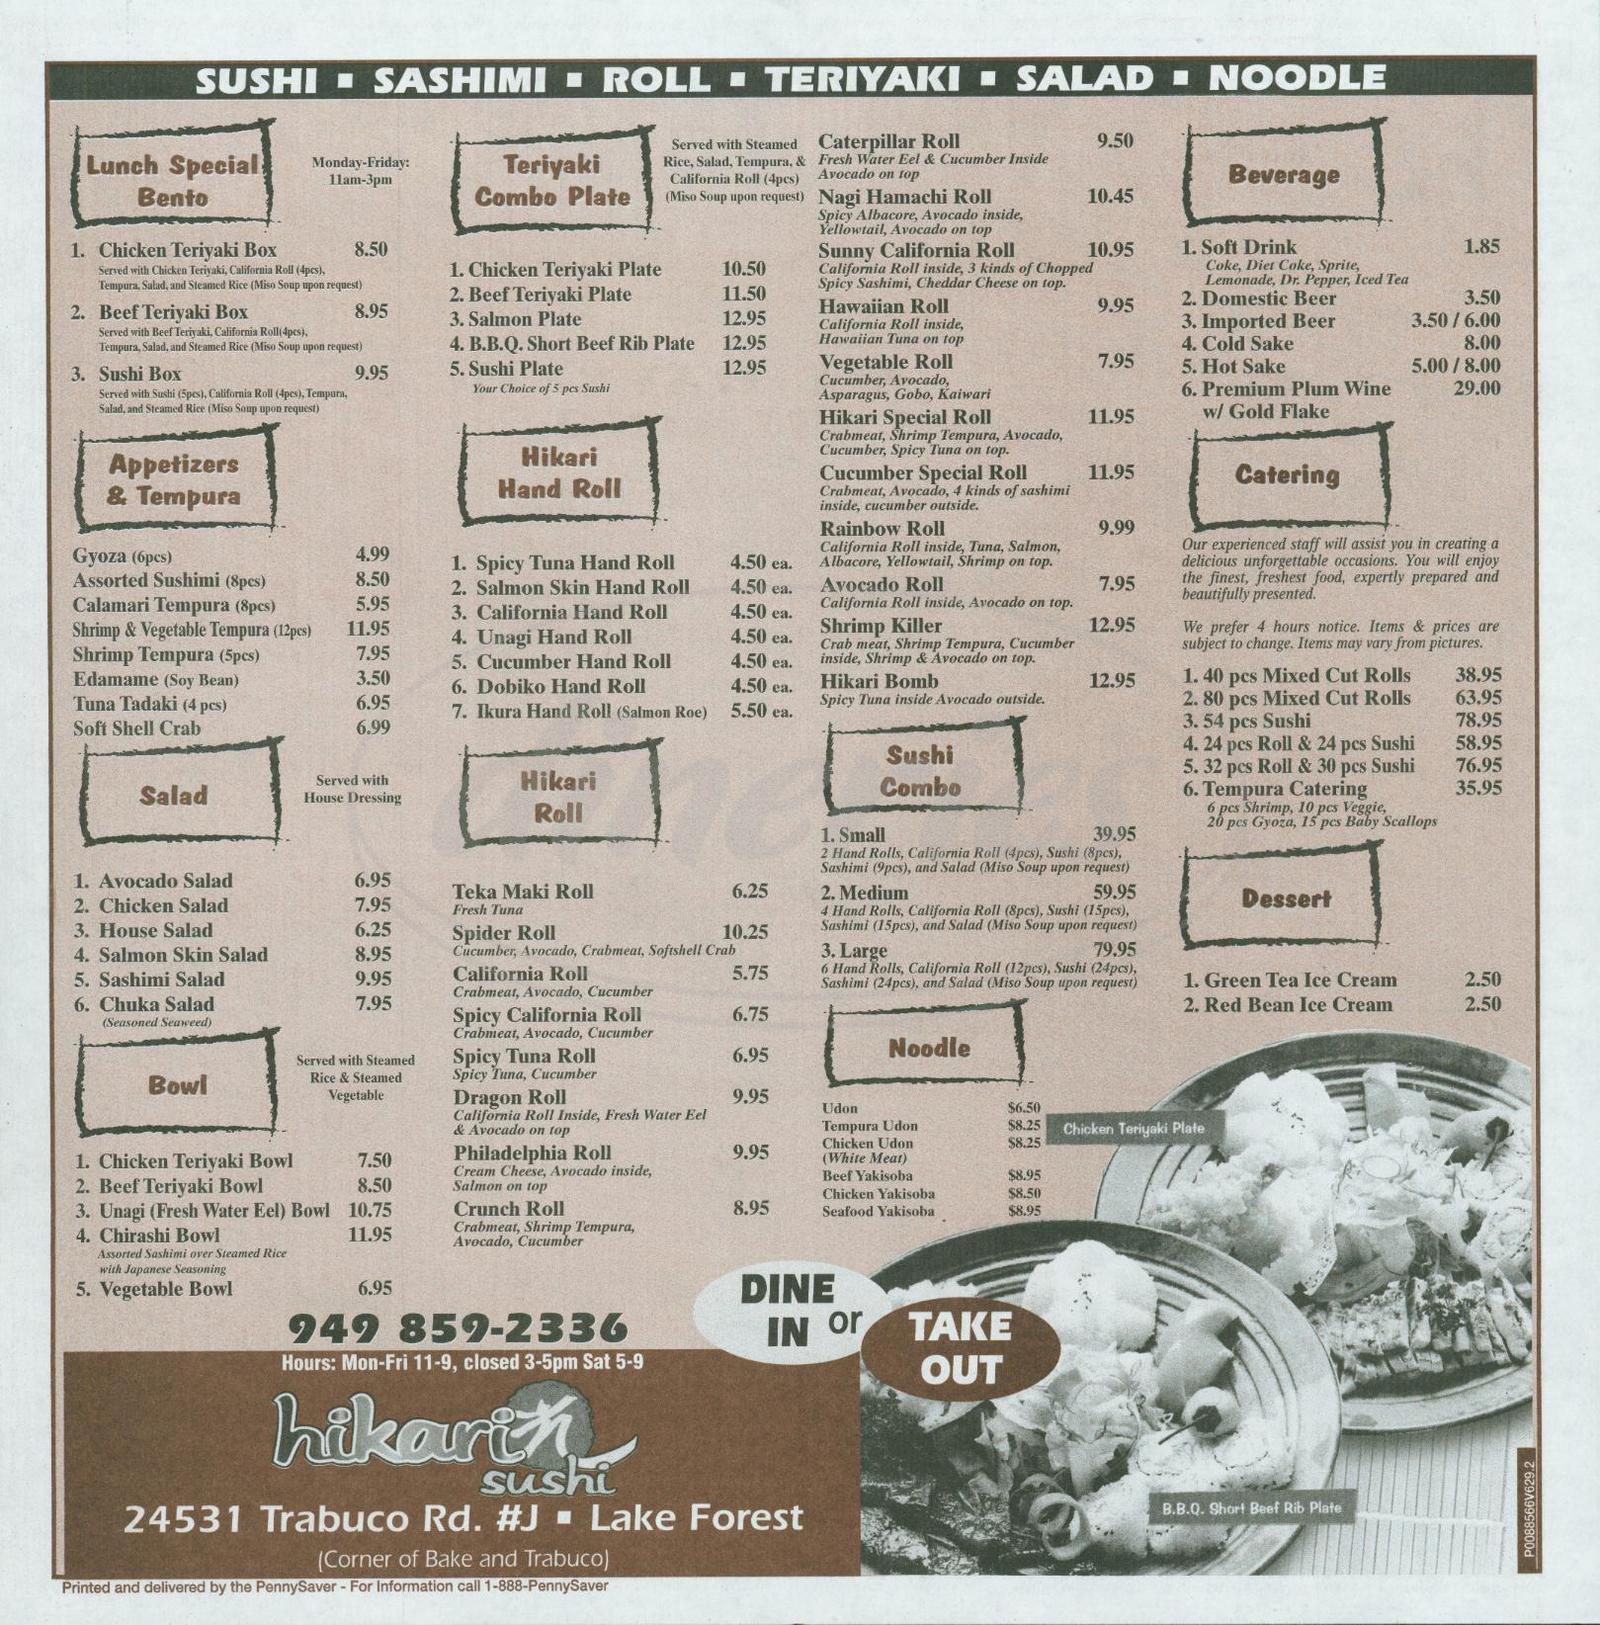 menu for Hikari Sushi